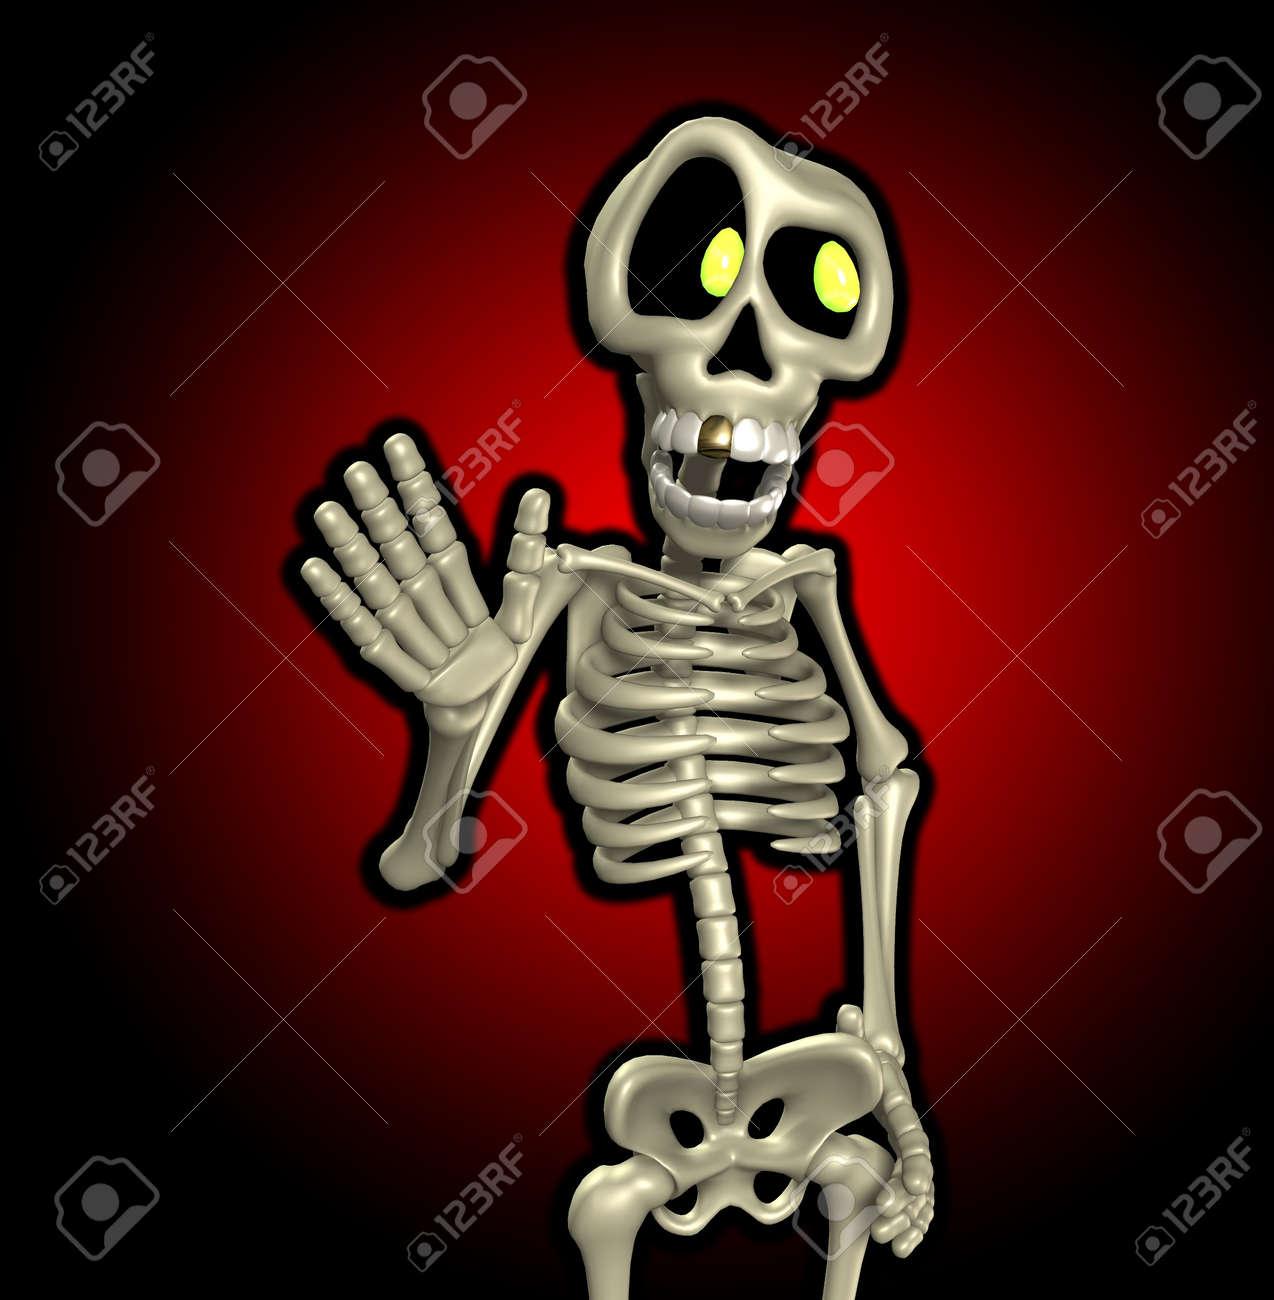 Immagini stock uno scheletro di cartone animato che è agitando